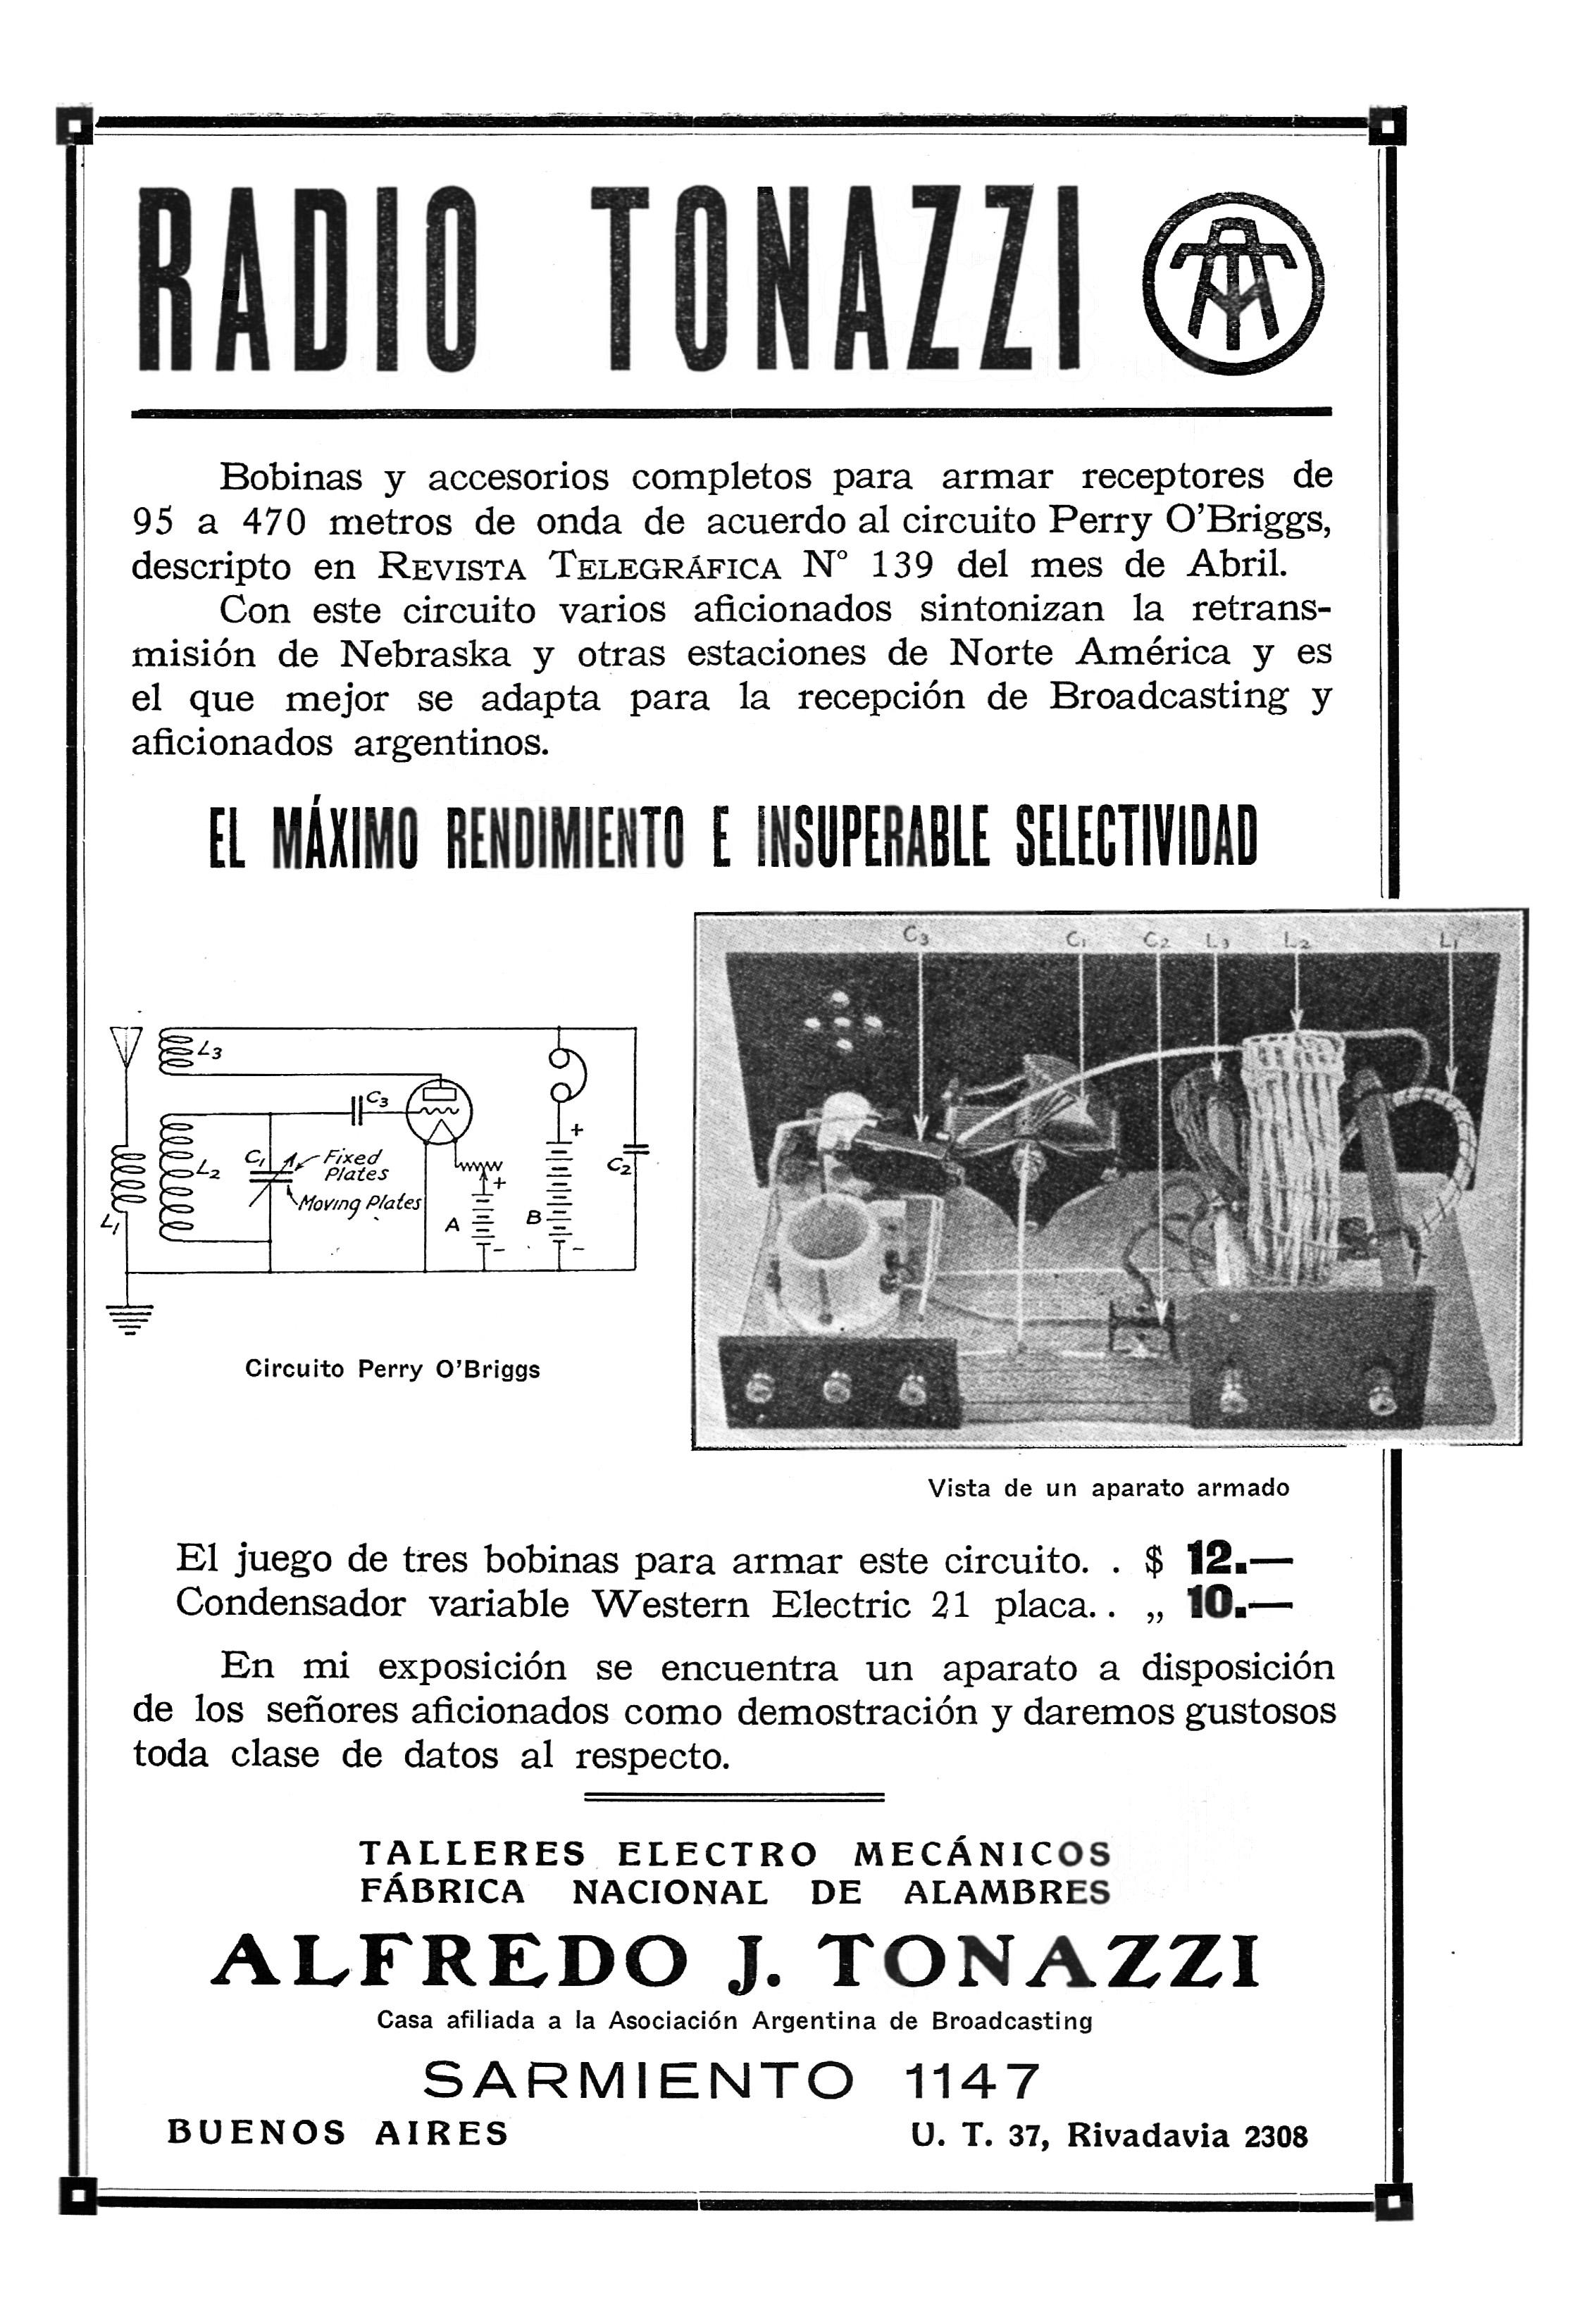 Index Of Content Revista Telegrafica 1924 06 Selectividad Y Q De Un Circuito